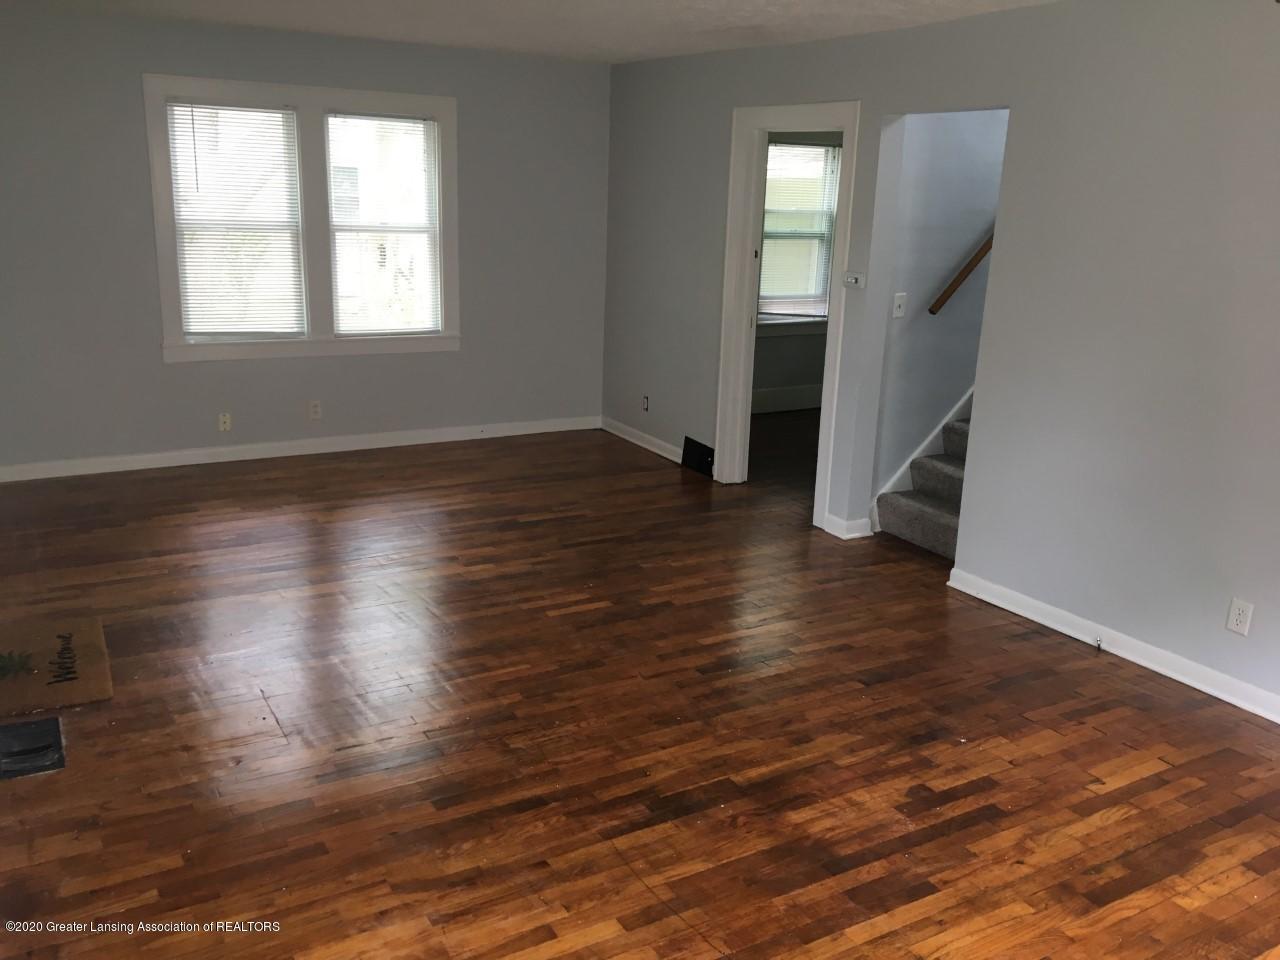 715 Emily Ave - 715 Emily Livingroom 1 - 4